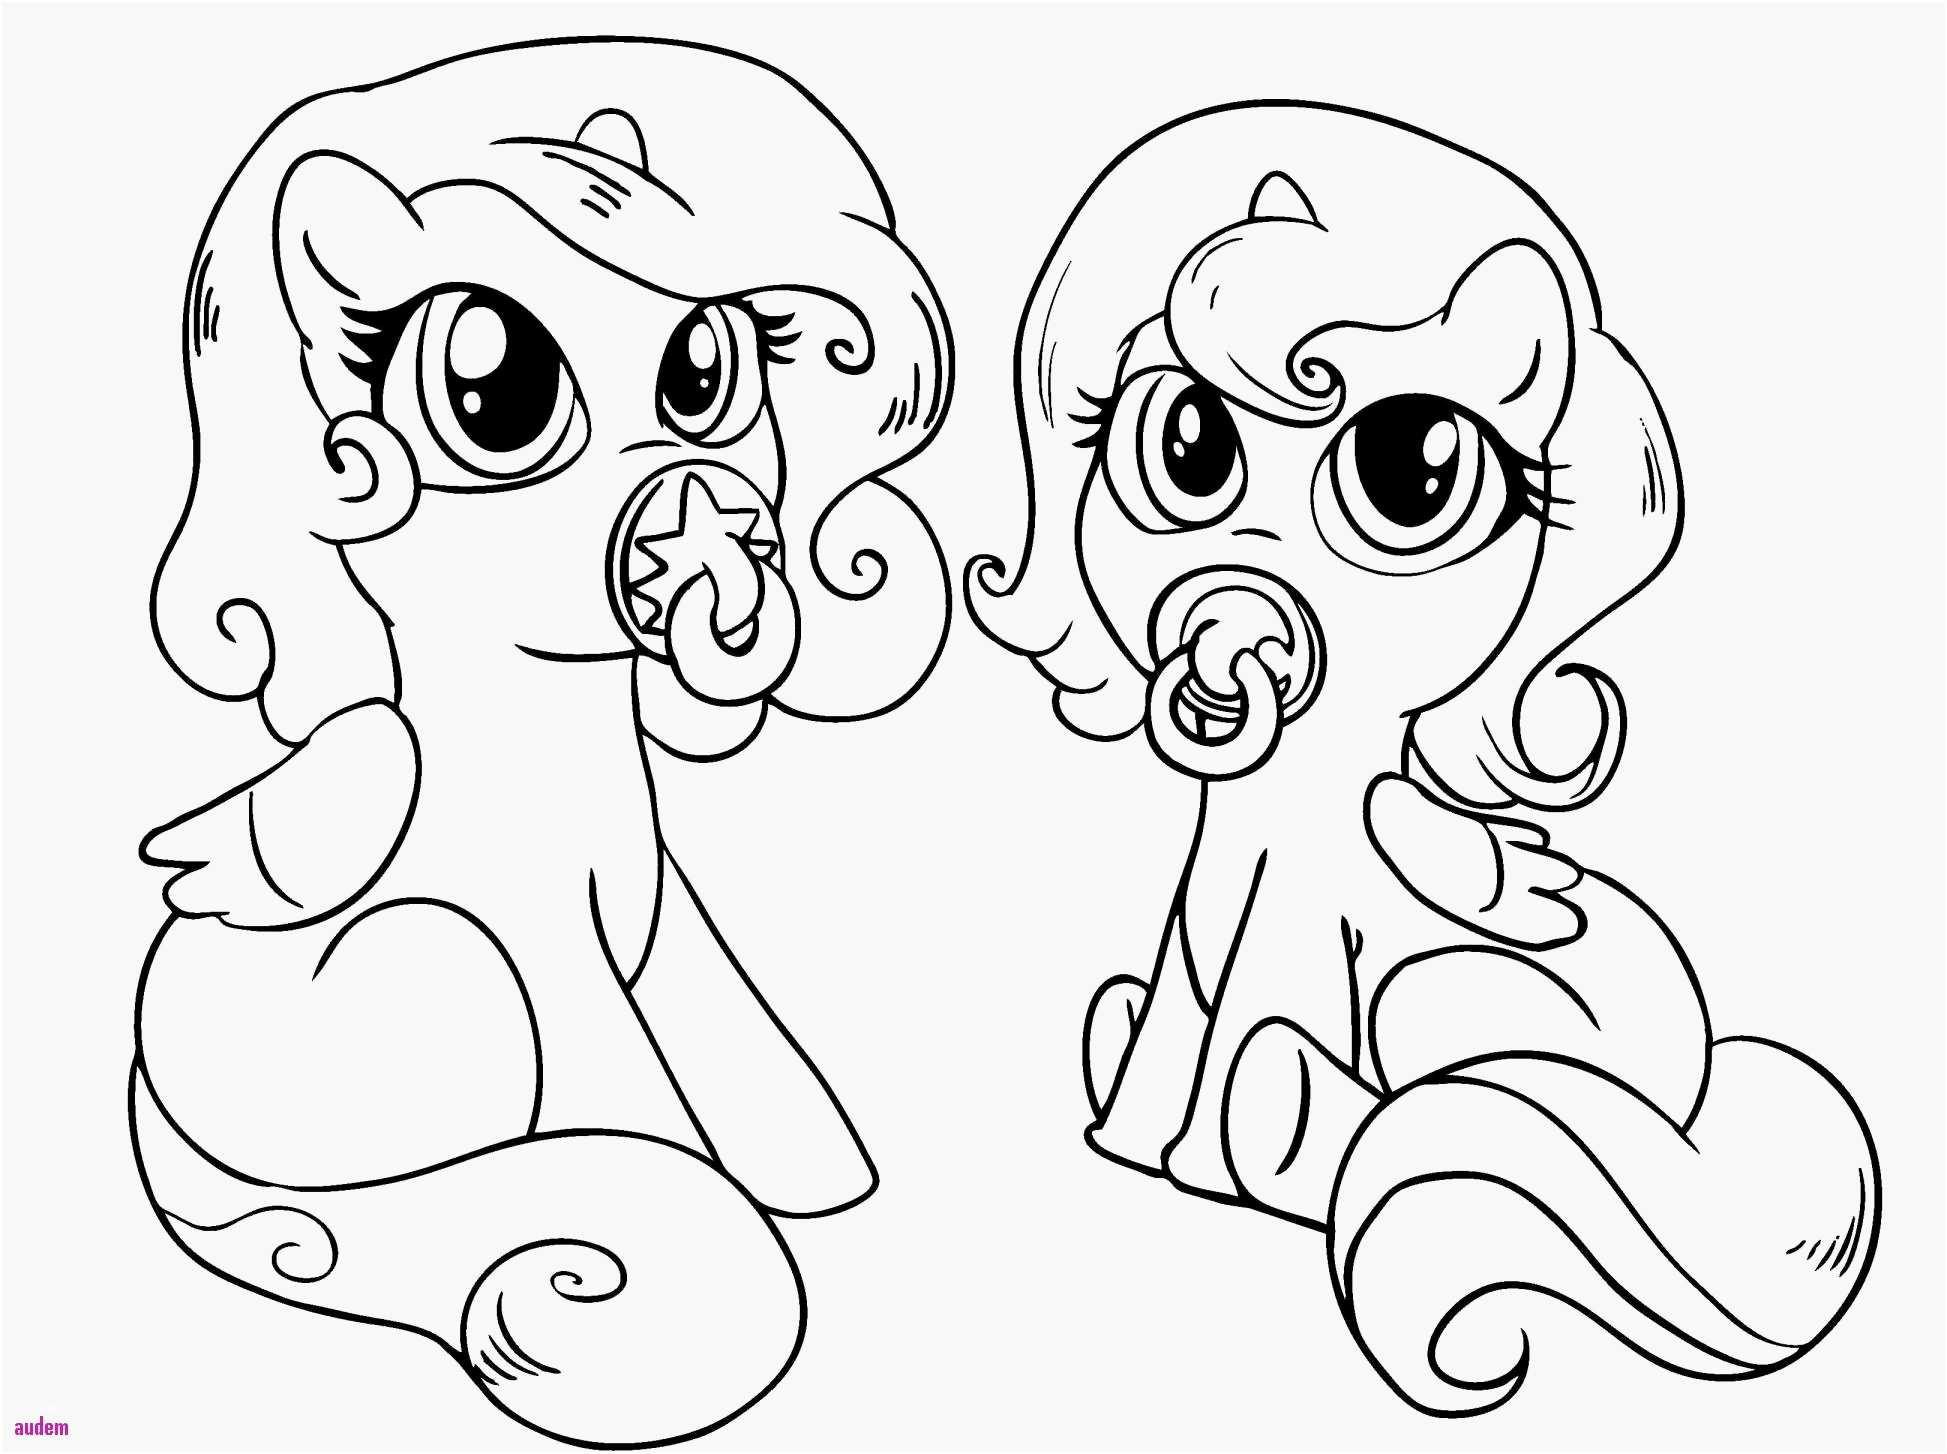 Ausmalbilder My Little Pony Applejack Das Beste Von 40 Ausmalbilder Equestria Girls Scoredatscore Schön Ausmalbilder My Stock